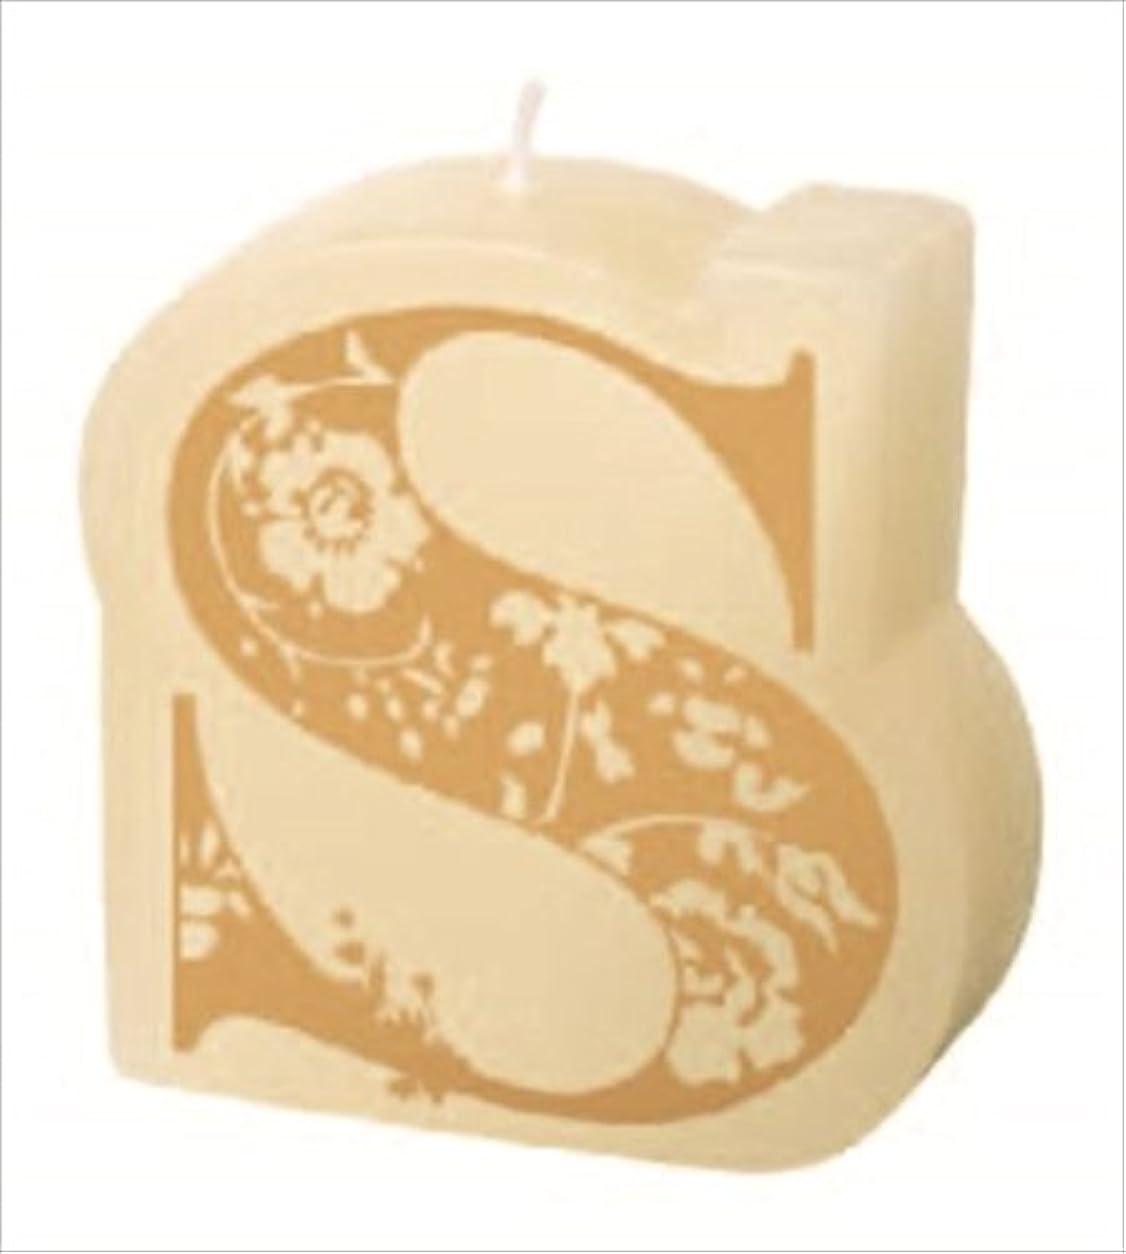 ちょっと待って爆発する聖なるカメヤマキャンドル(kameyama candle) イニシャルキャンドルミニ 「 S 」